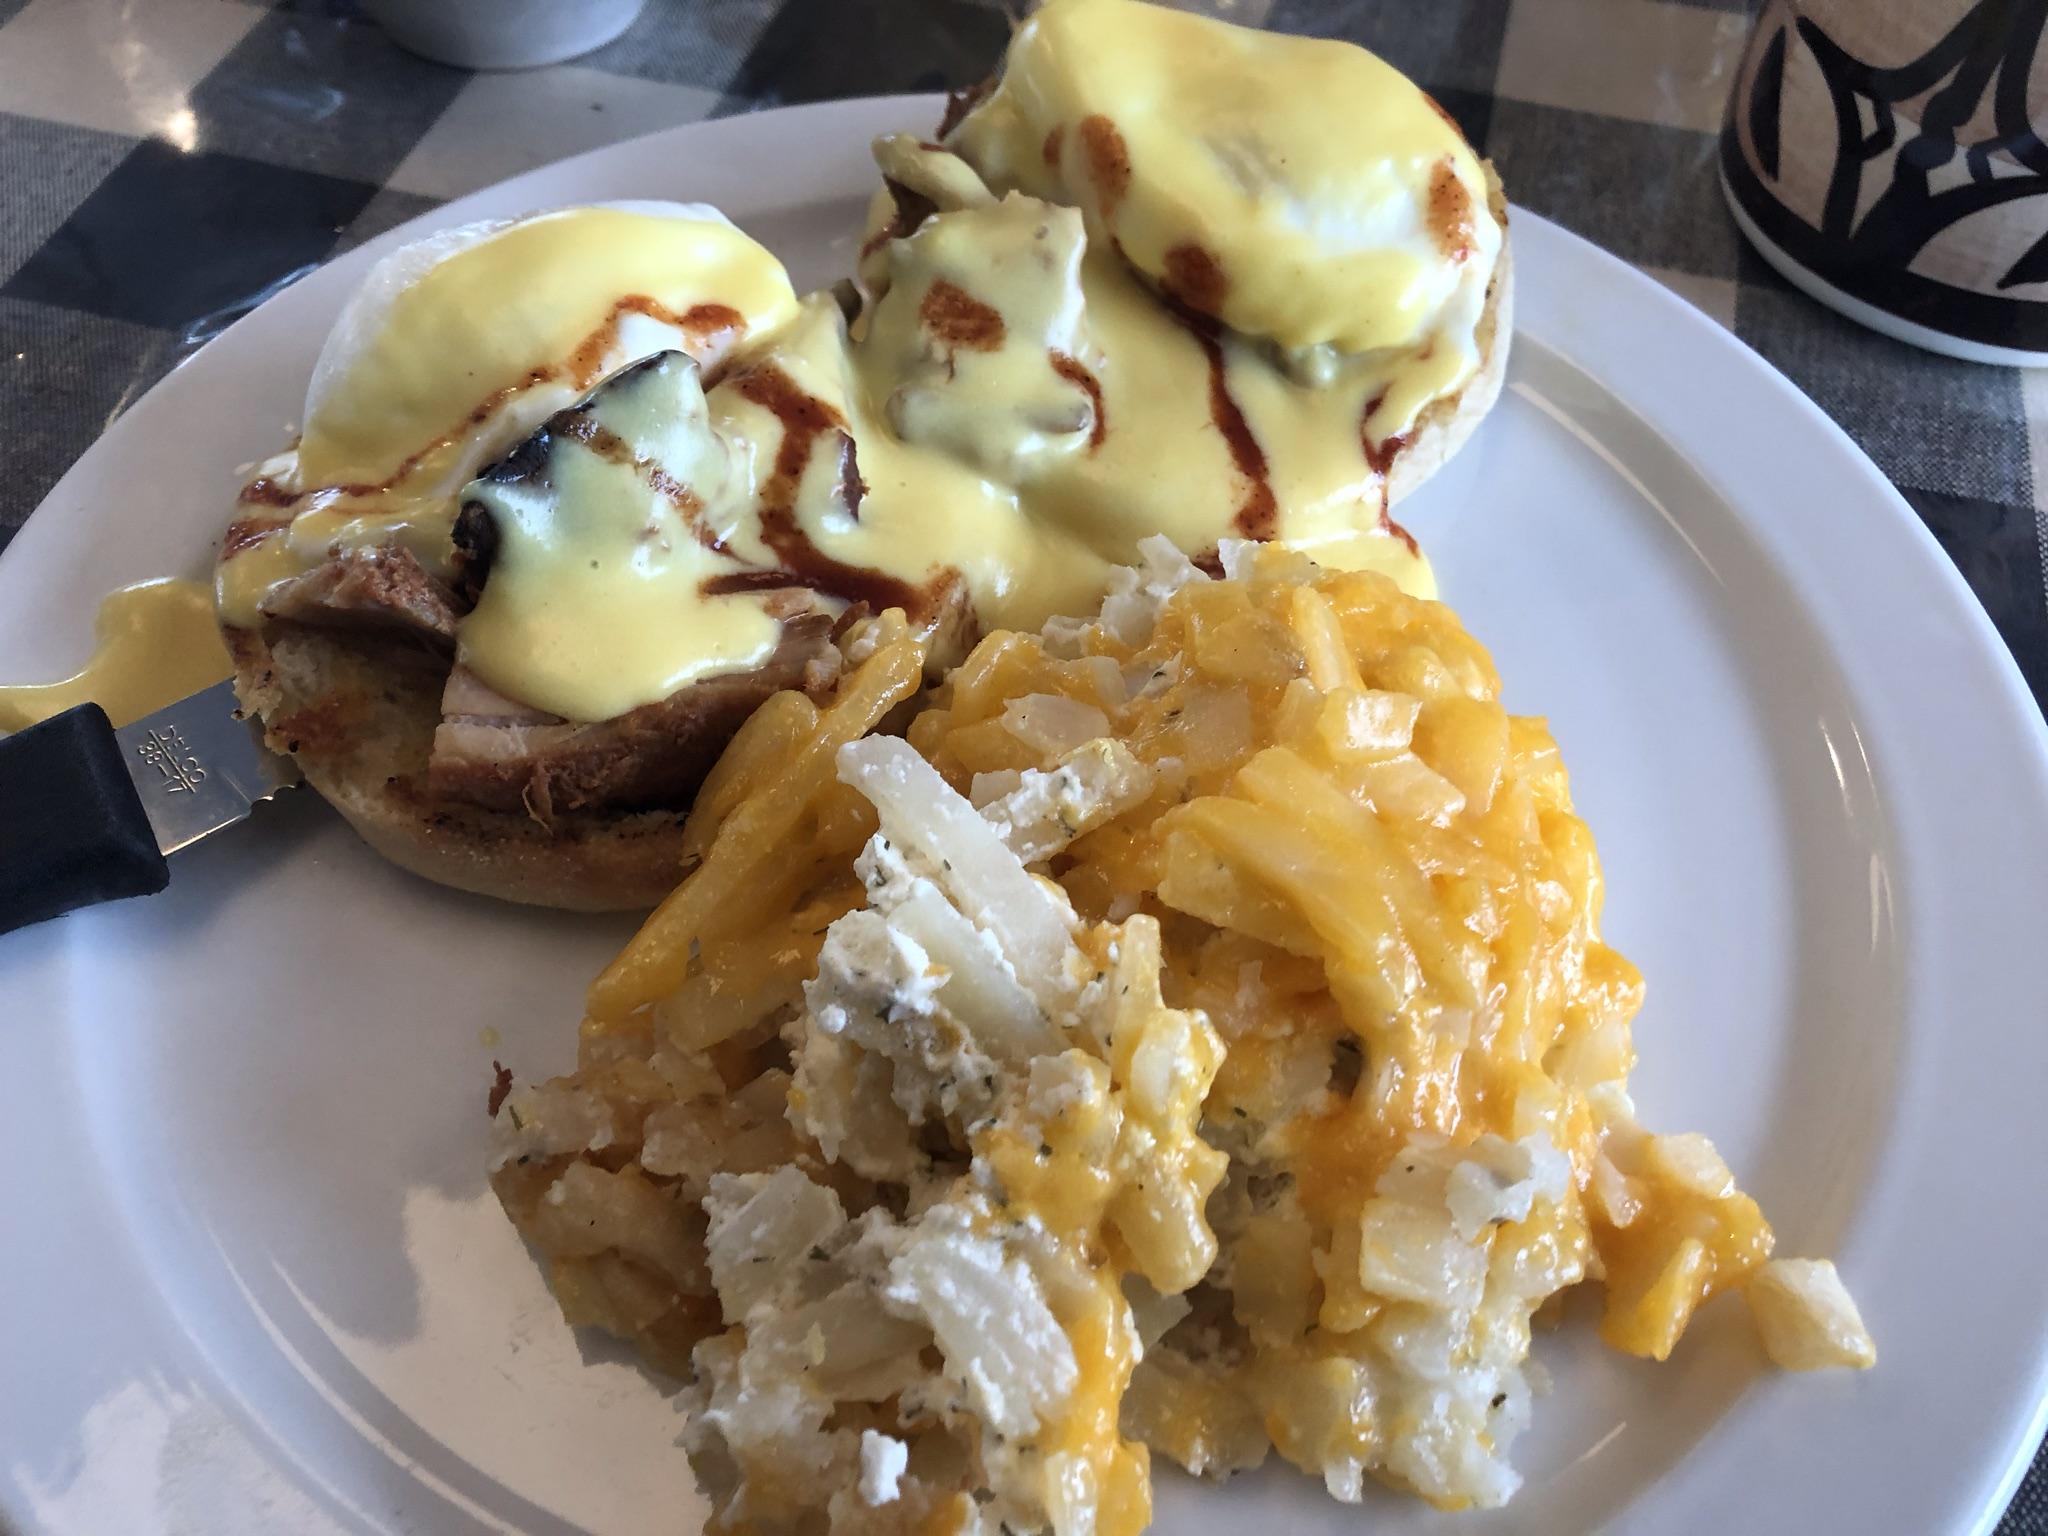 Breakfast at Hills Restaurant in Kennewick – March 9 2019